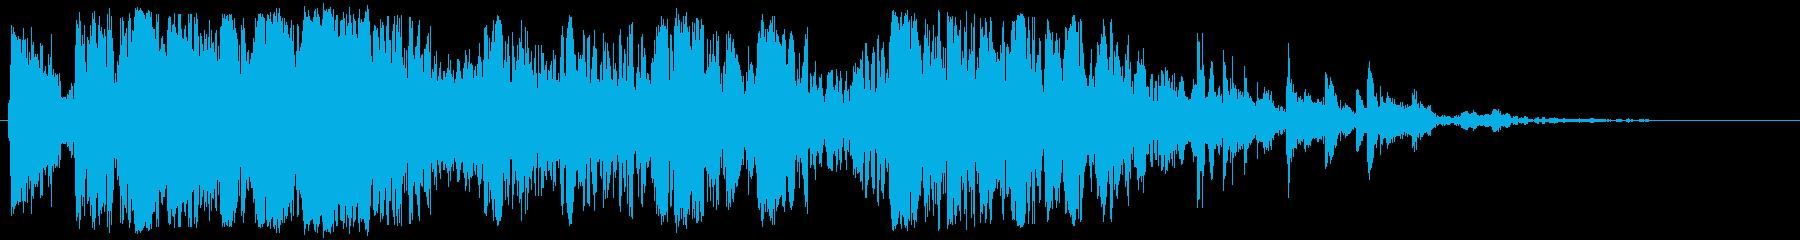 ビッグメタルとジャンククラッシュの再生済みの波形